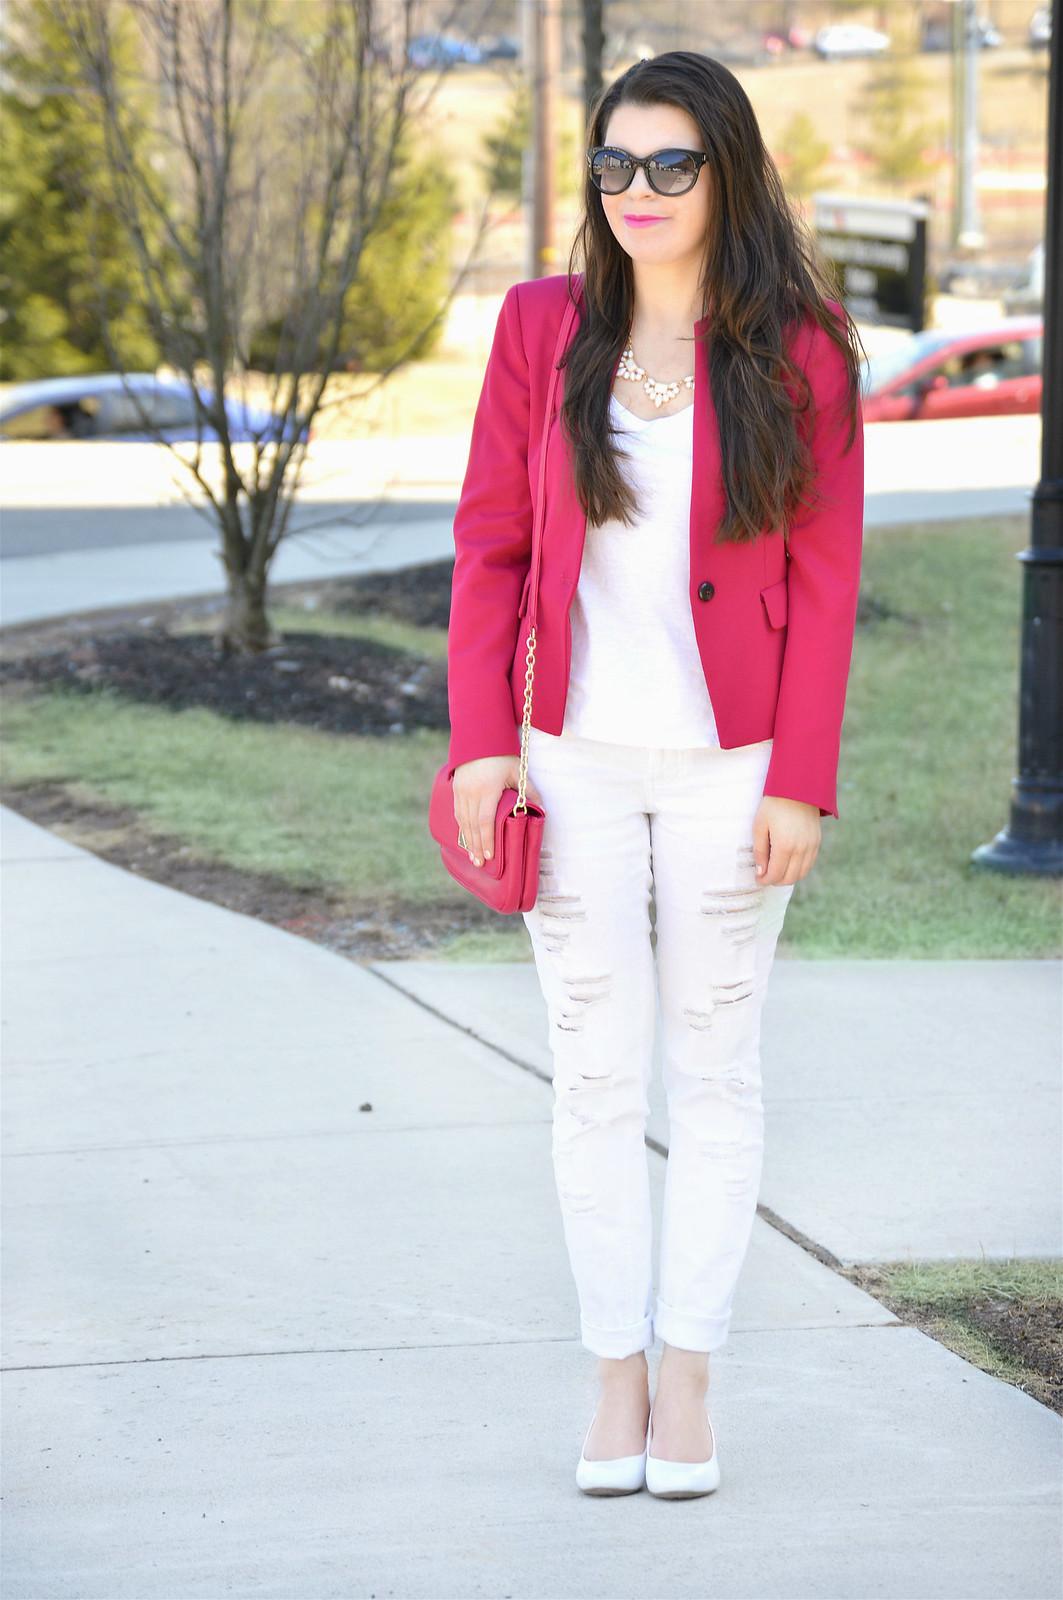 zara-target-pink-white-jeans